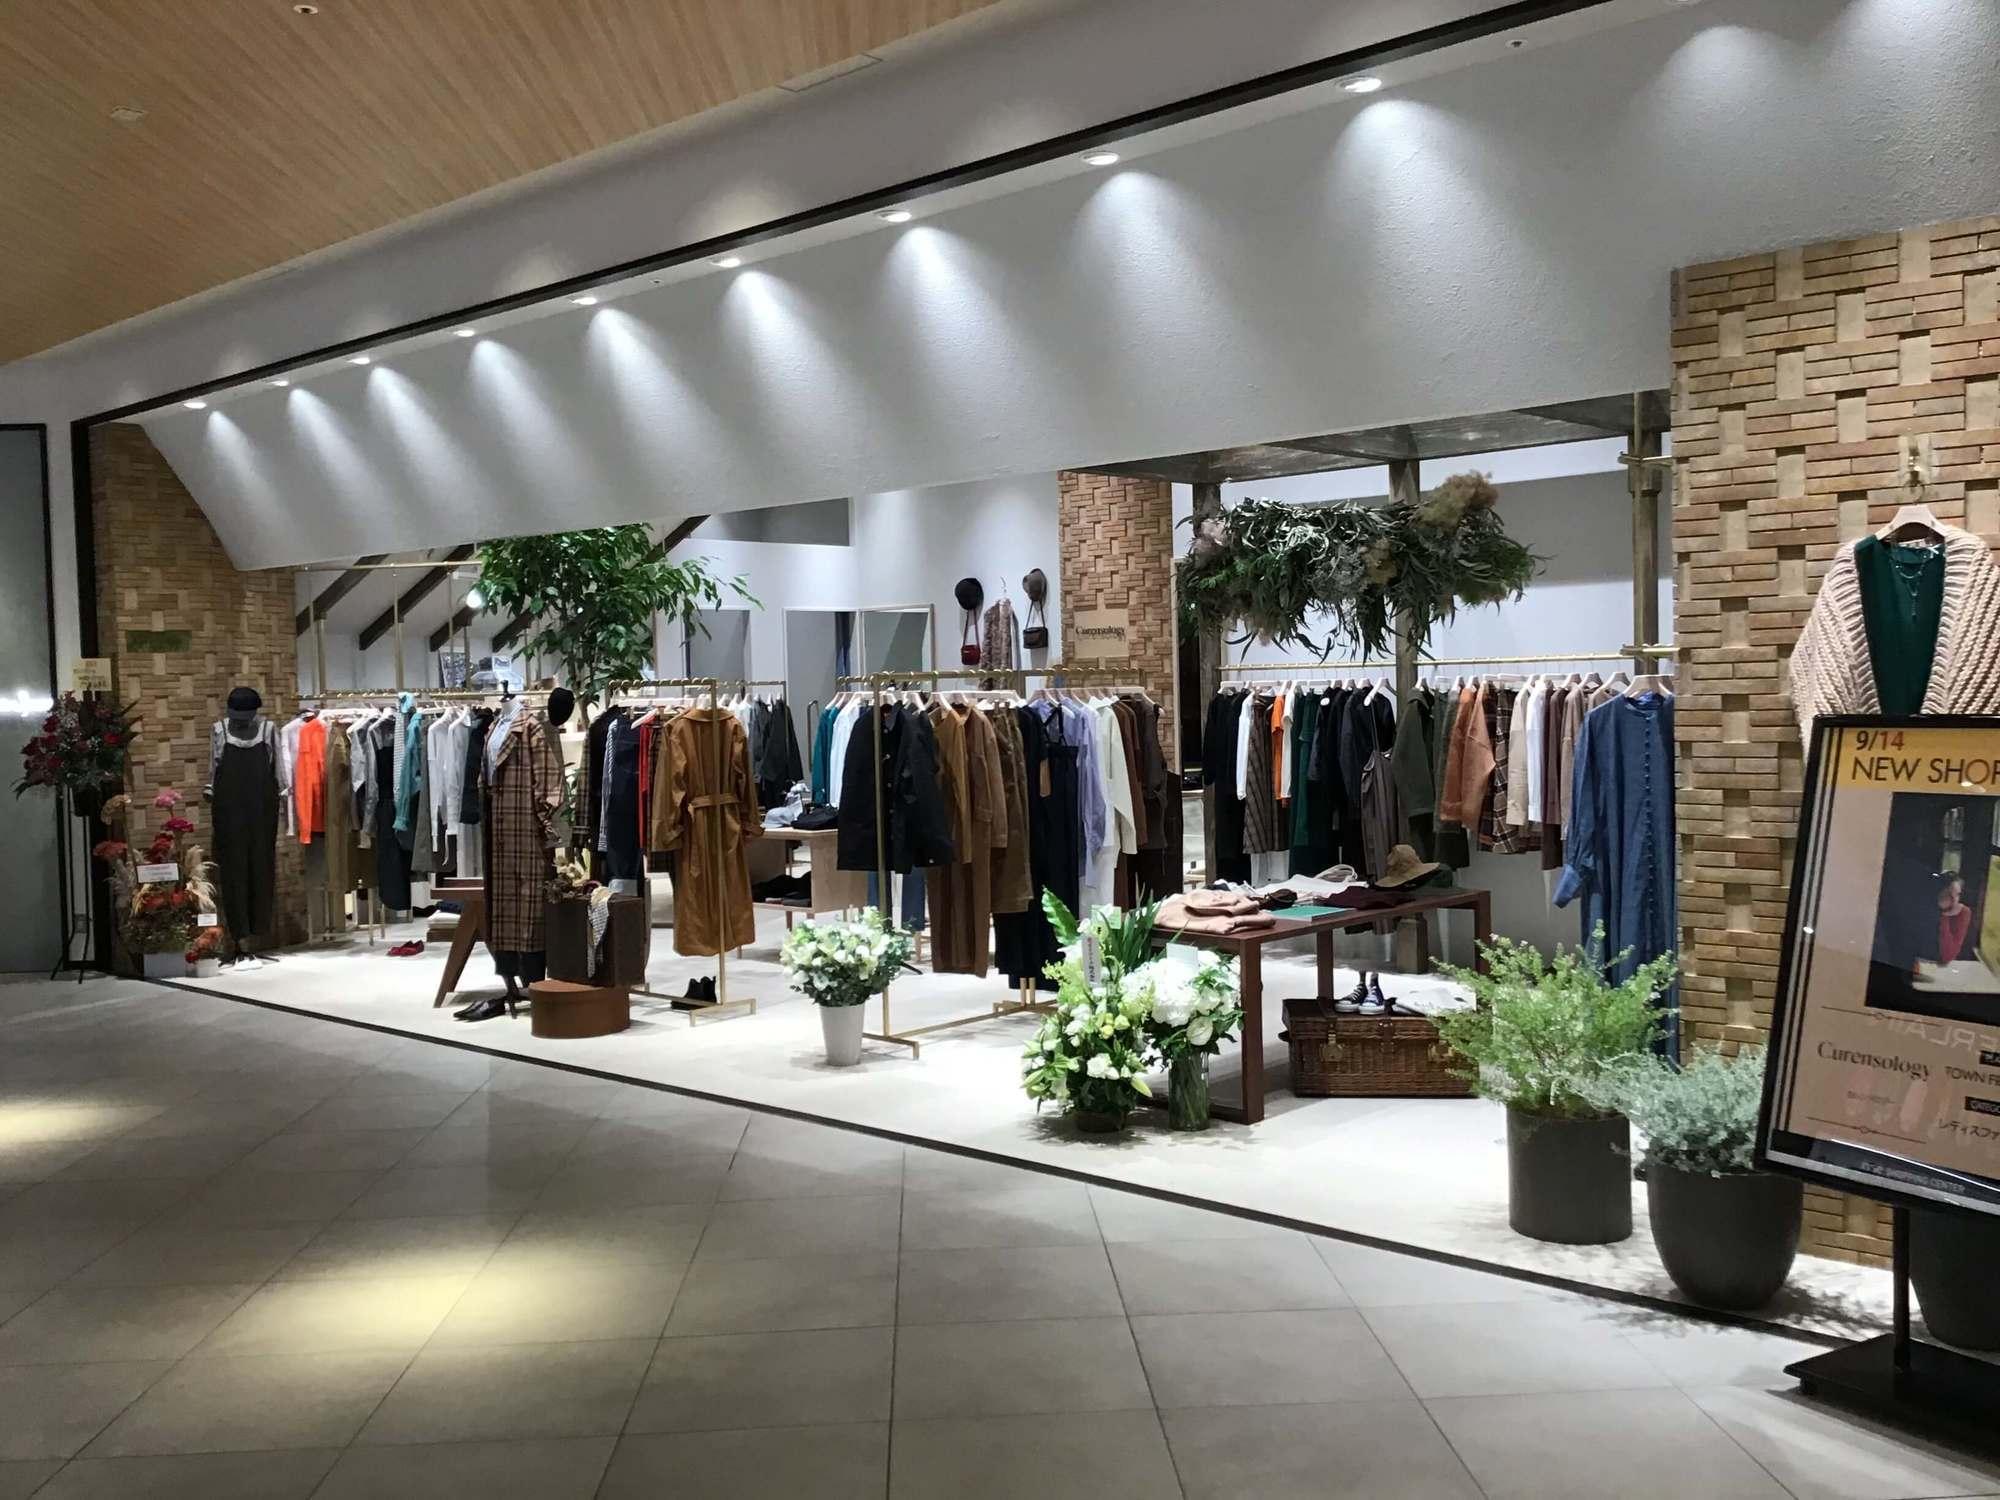 40代ファッション 9月14日にオープンしたカレンソロジー 二子玉川